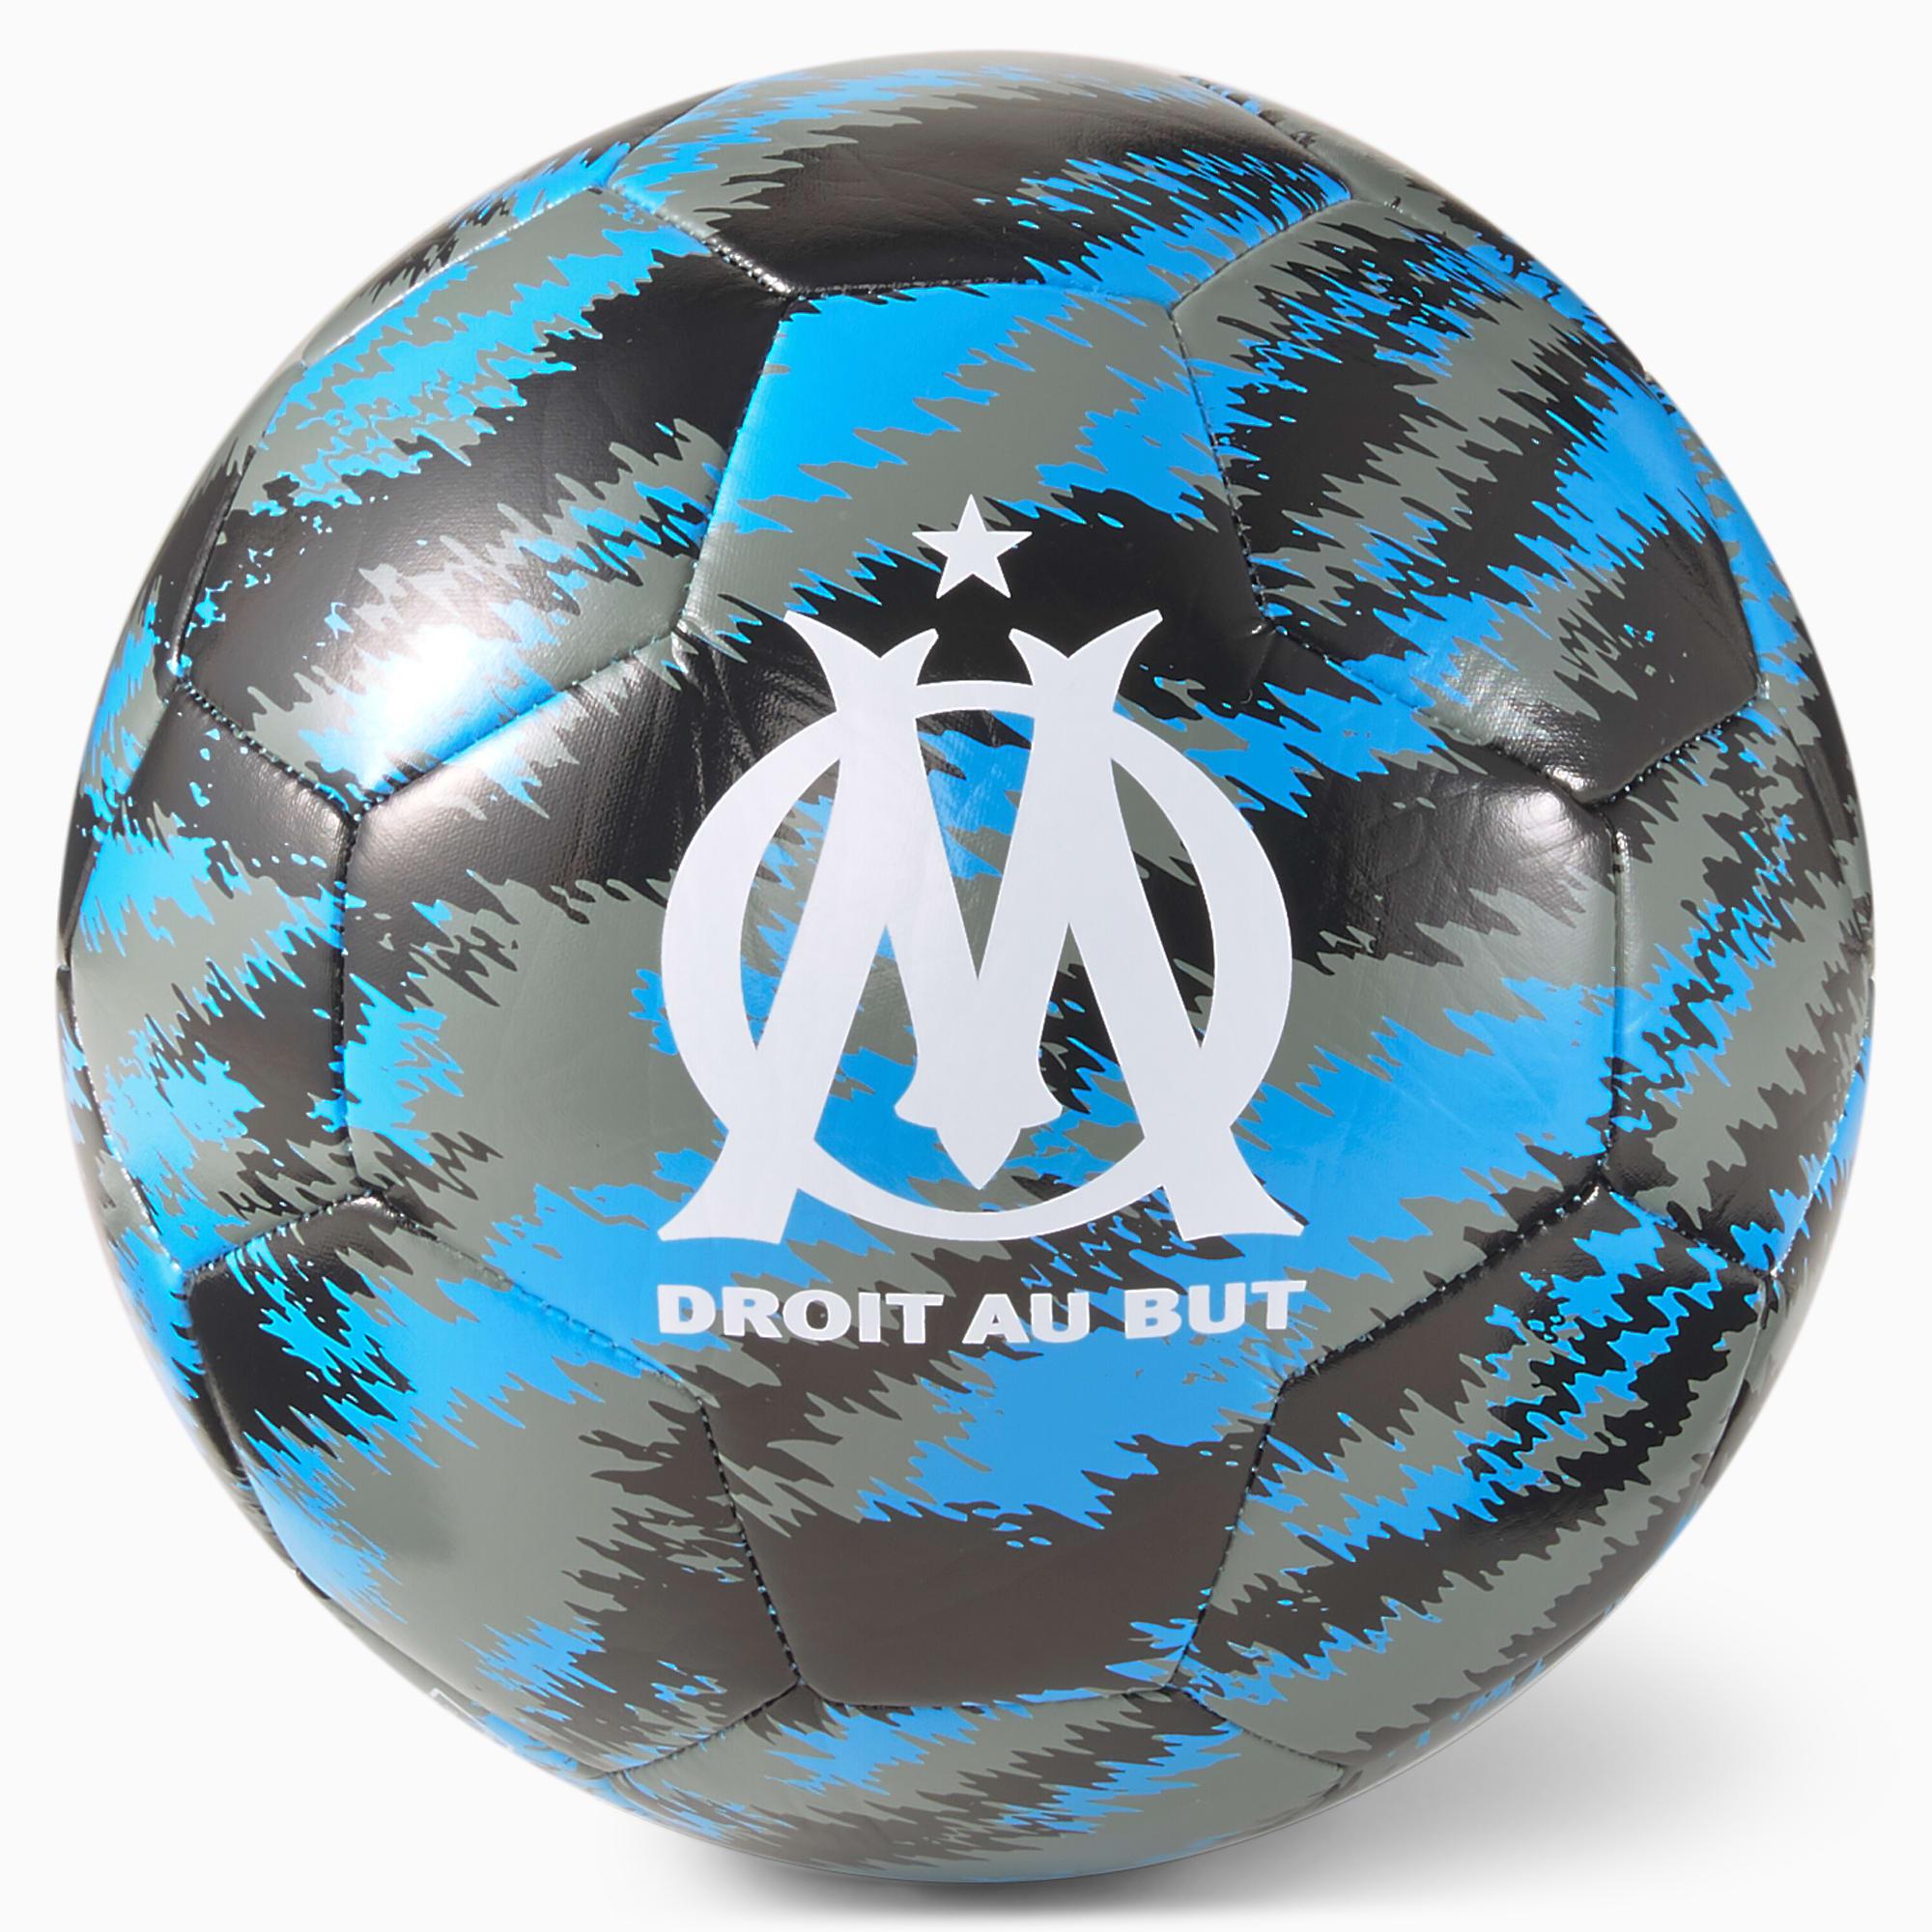 Pallone da calcio per allenamento OM Iconic Big Cat, Nero/Blu, Taglia 5   PUMA